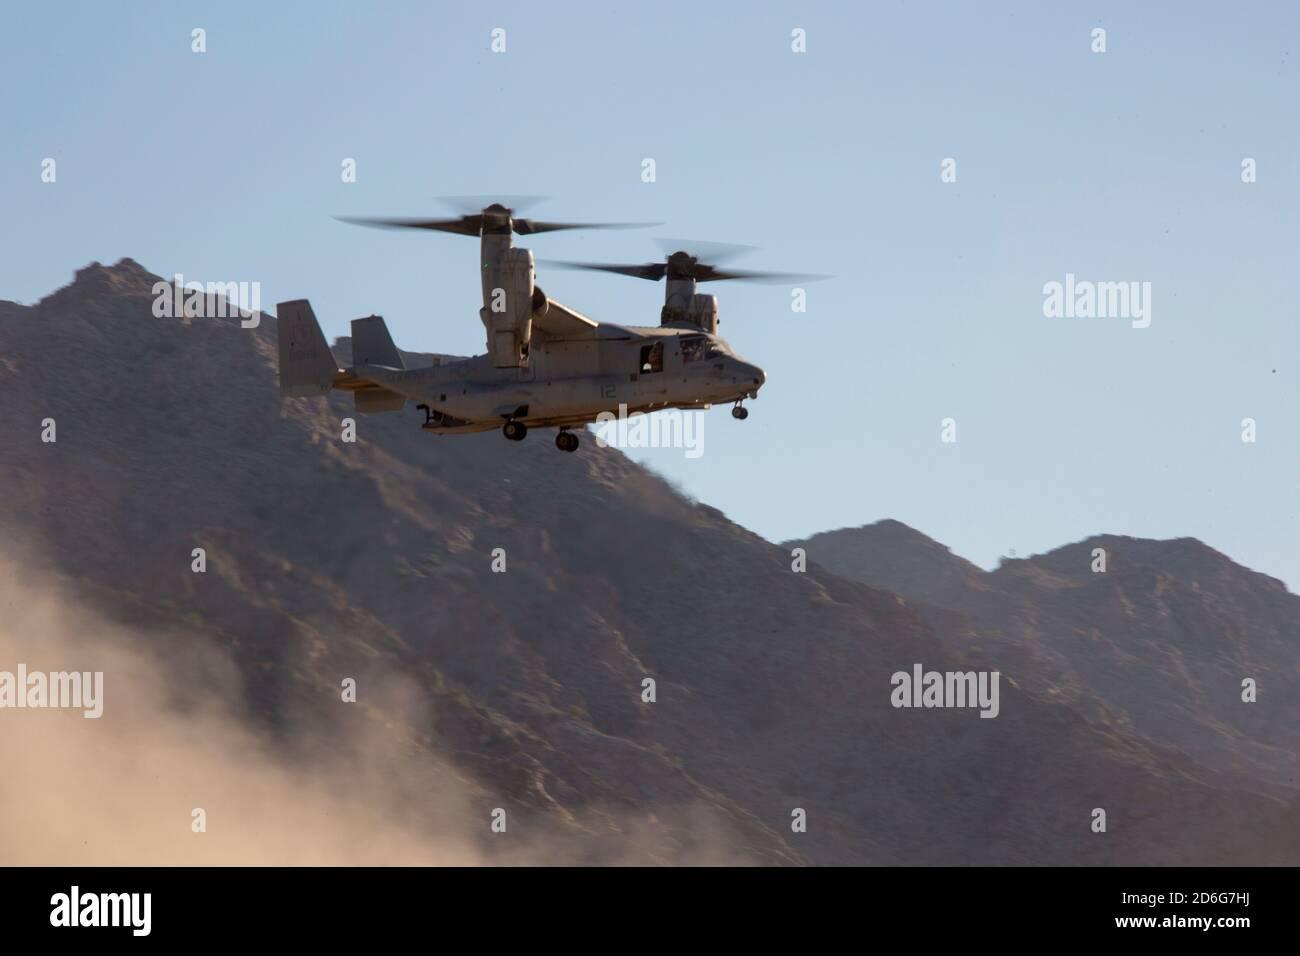 Cuerpo de Marina de EE.UU. MV-22B Osprey, asignado a armas de Aviación Marina y tácticas Squadron uno (MAWTS-1), se prepara para aterrizar para conducir una evacuación durante un escenario de inserción y extracción mientras participa en el curso Instructor de armas y tácticas (WTI) 1-21 en Combat Village, en Wellton, Arizona, 12 de octubre de 2020. El curso WTI es un evento de capacitación de siete semanas organizado por MAWTS-1, que proporciona capacitación táctica avanzada estandarizada y certificación de las calificaciones de instructores de la unidad para apoyar la capacitación y preparación de la aviación marina, y ayuda en el desarrollo y empleo de armas de aviación y Foto de stock